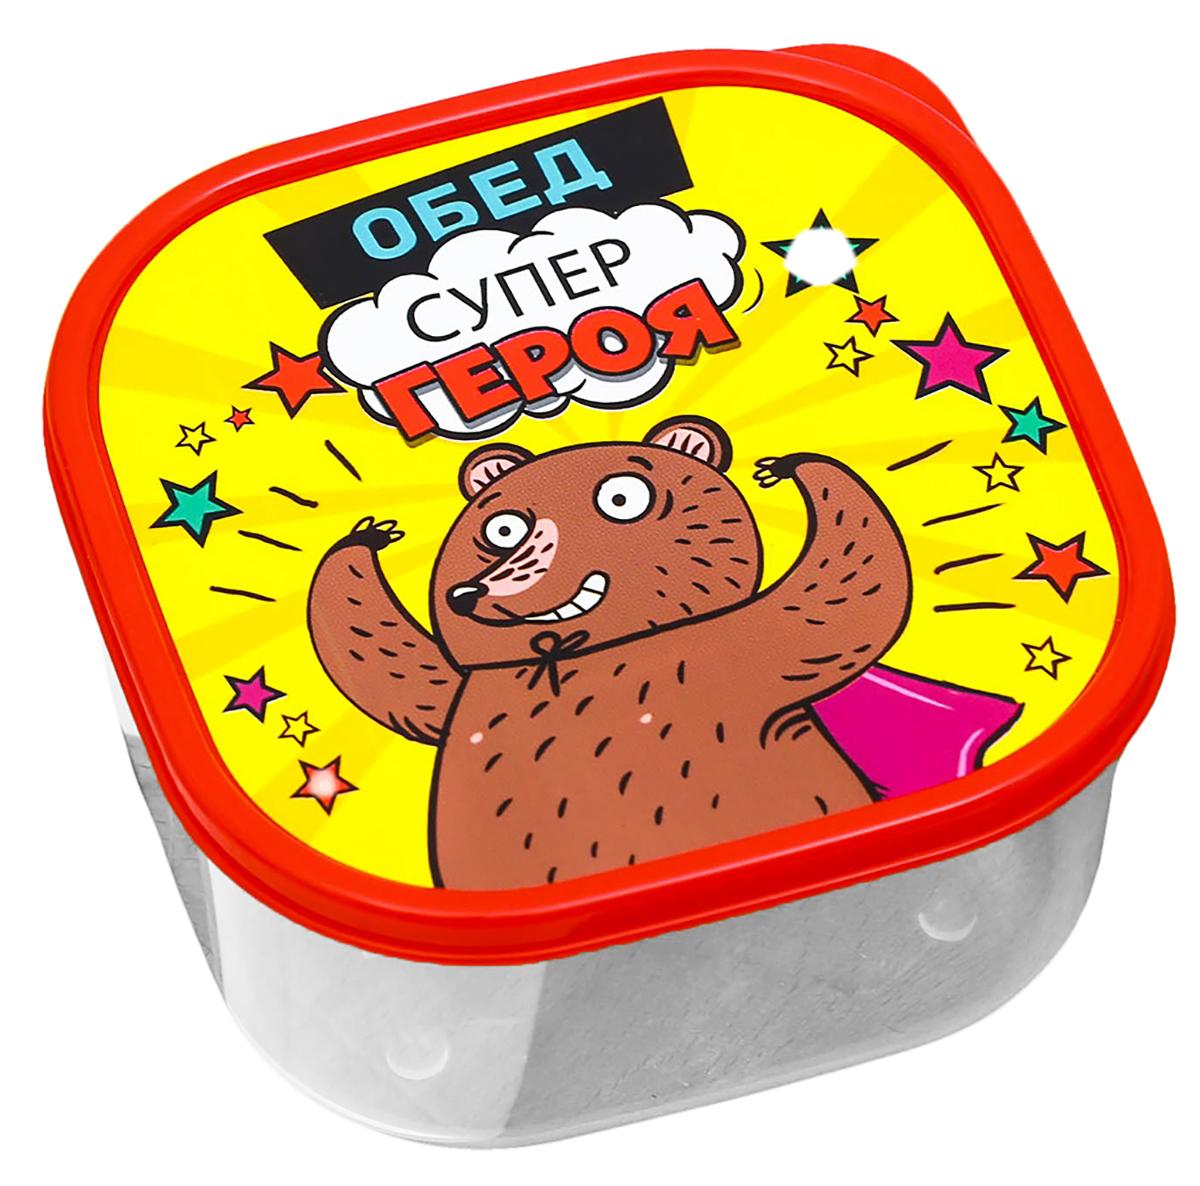 Ланч-бокс Обед супер героя, 0,7 л2789830Изделие произведено в России из качественного пищевого пластика, снабжено плотно закрывающейся крышкой, а это значит, что вы сможете брать на работу, в дорогу или на пикник разнообразную, а самое главное - вкусную и полезную пищу! Оригинальный рисунок на крышке поднимет настроение хозяину и окружающим.Контейнер прост и удобен в обращении: его можно хранить в холодильнике, разогревать в микроволновой печи, мыть в посудомоечной машине.